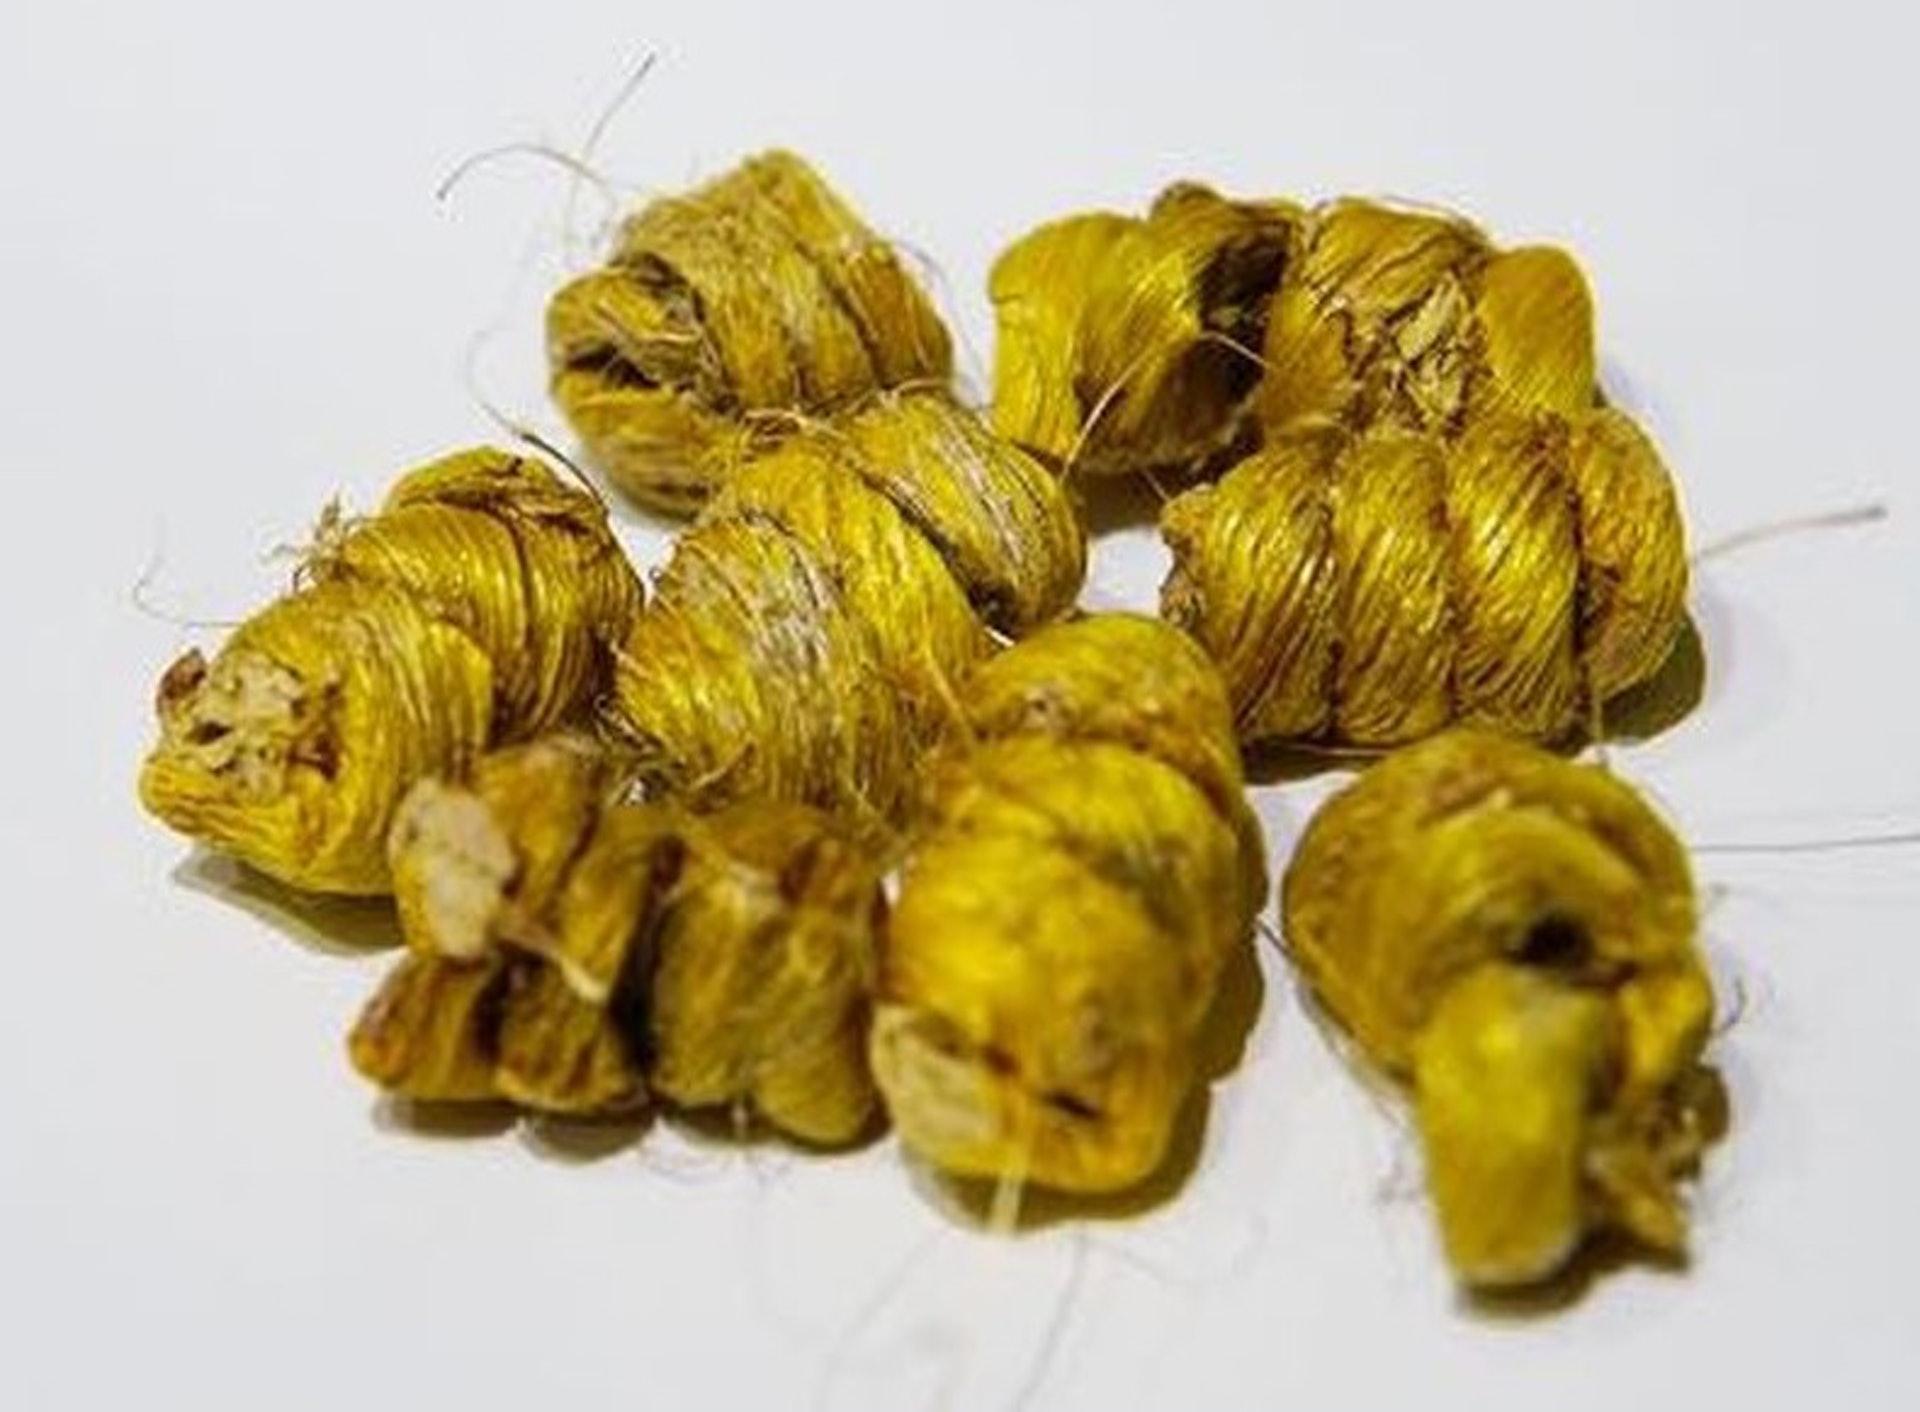 石斛比較適合於夏秋兩季飲用,特別是胃火偏盛,即常有口乾口渴口臭、噯氣、突然食慾較旺人士。(資料圖片)